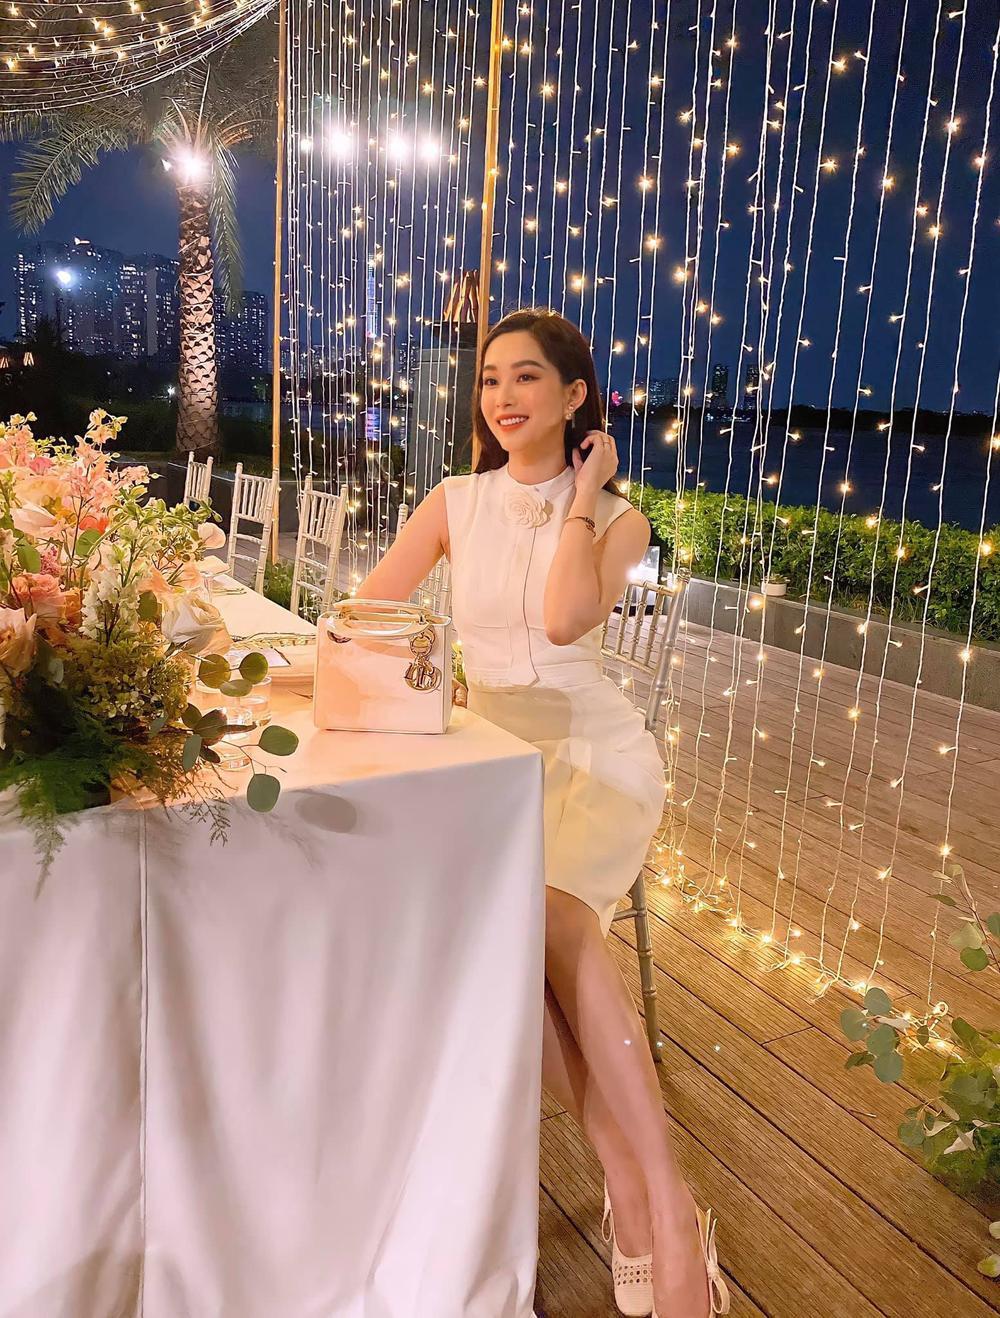 Hoa hậu Đặng Thu Thảo đẹp ngất ngây với váy tím mộng mơ Ảnh 5